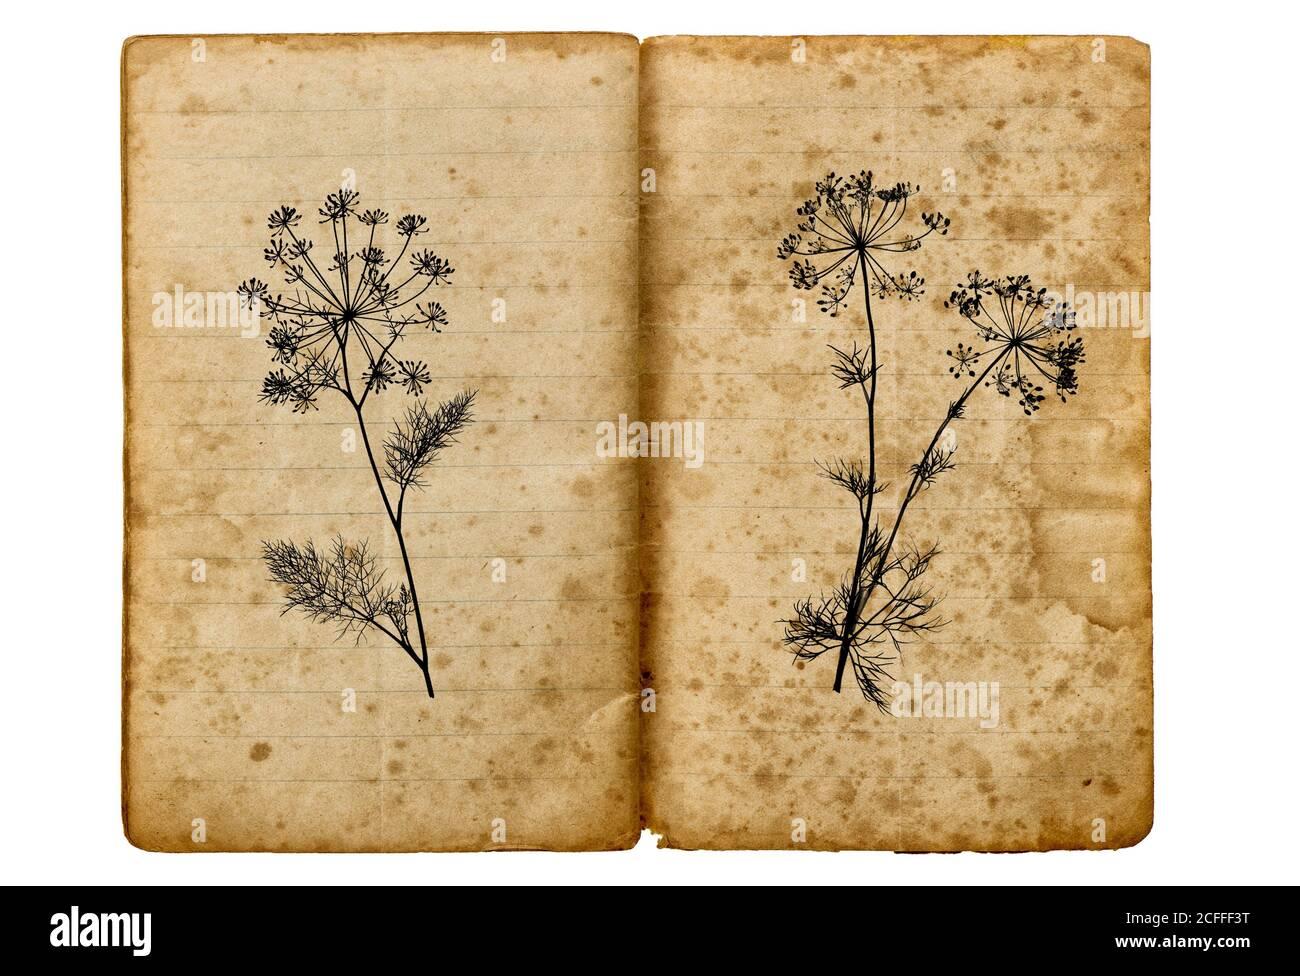 Livre de l'ancienne école avec dessin d'usine d'aneth. Texture du papier vieilli Banque D'Images